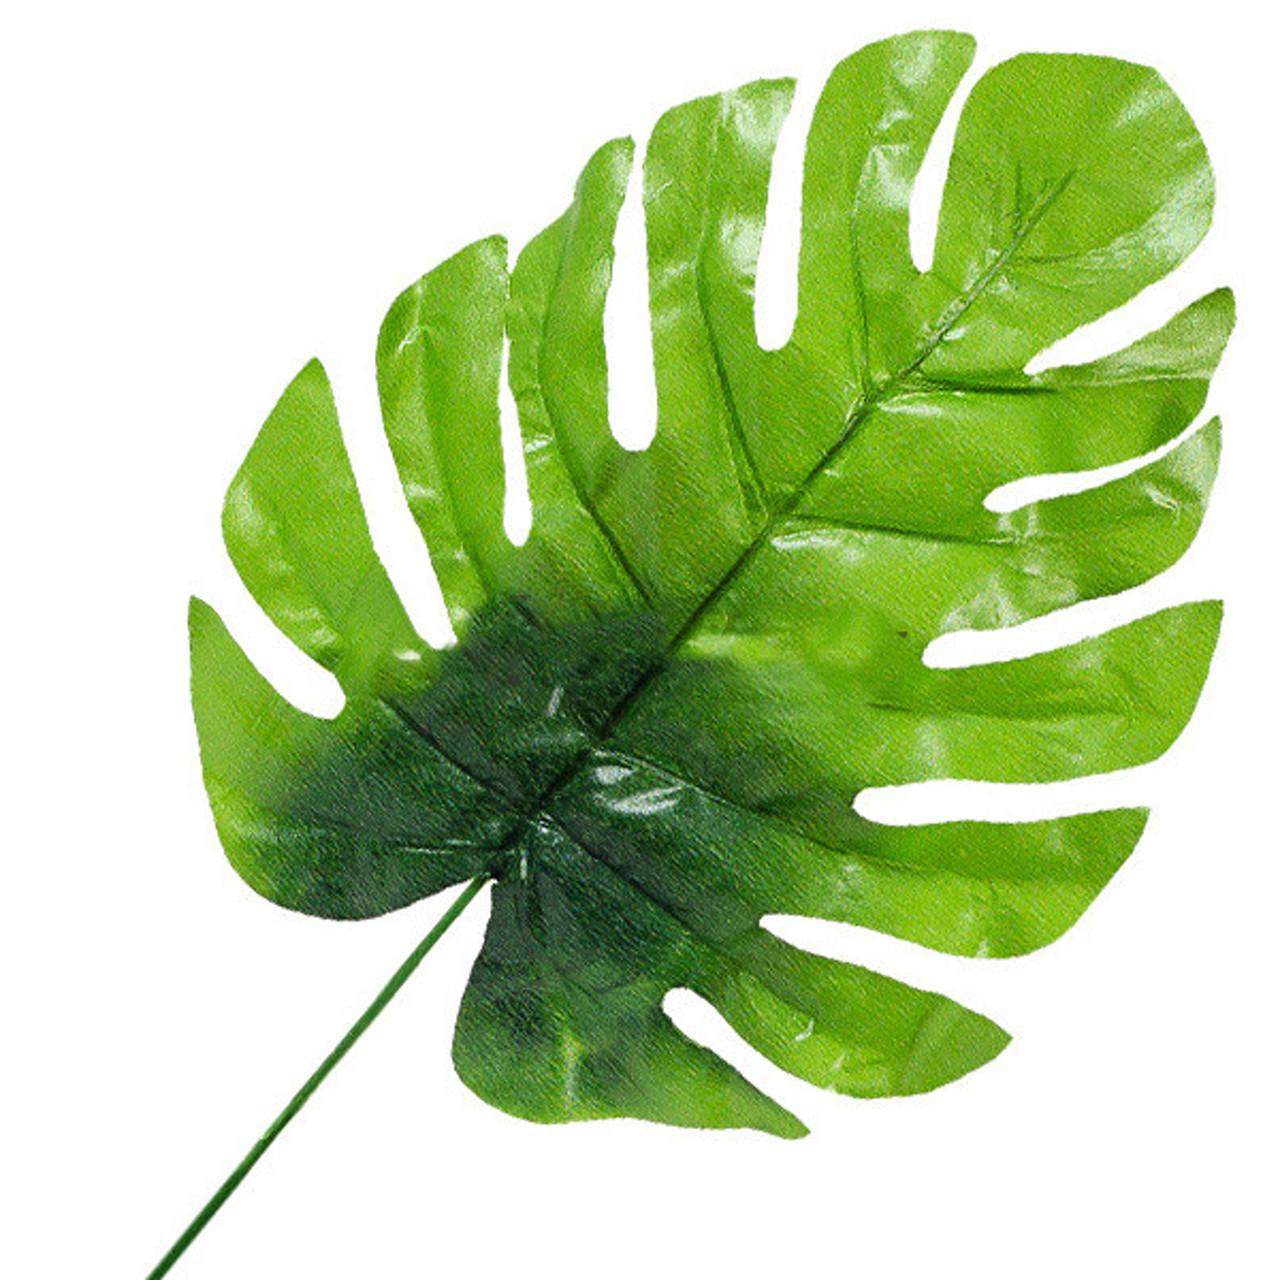 Лист монстеры зеленый, 44см (20 шт. в уп.))